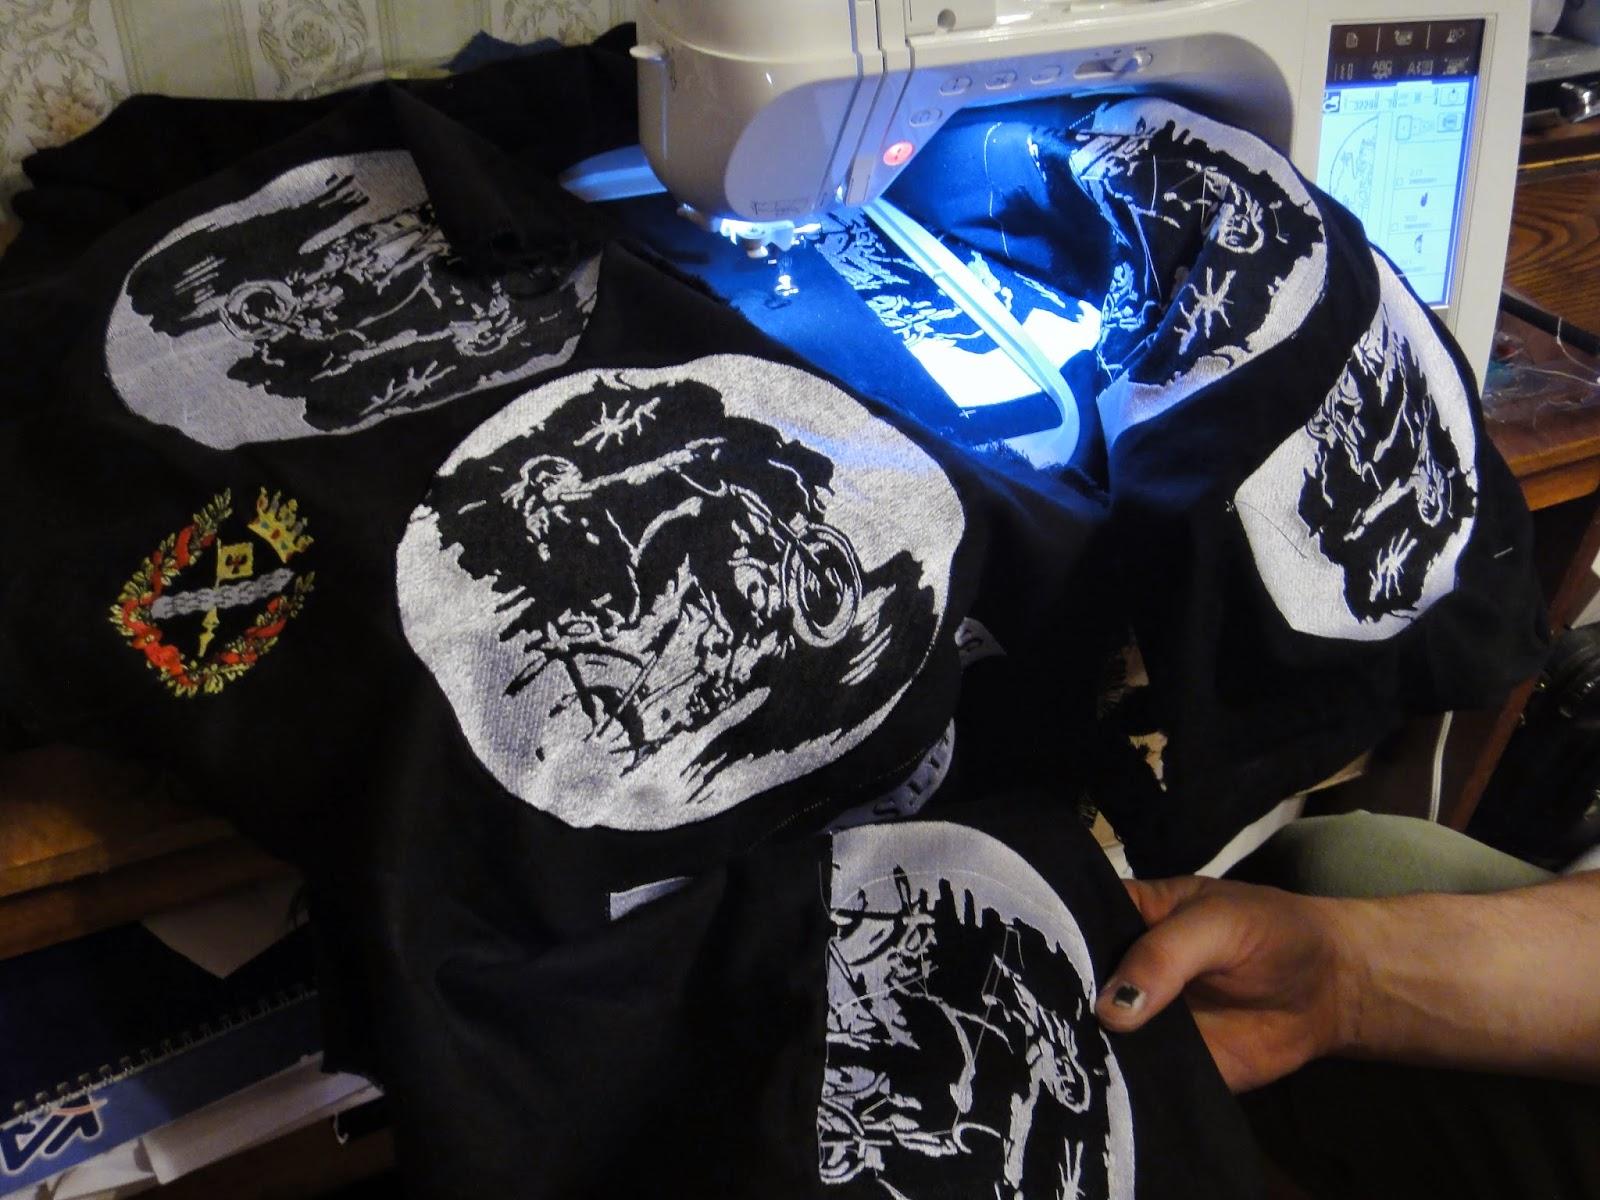 Машинная вышивка на заказ - байкерские нашивки заказать - от одного экземпляра, отправка по России